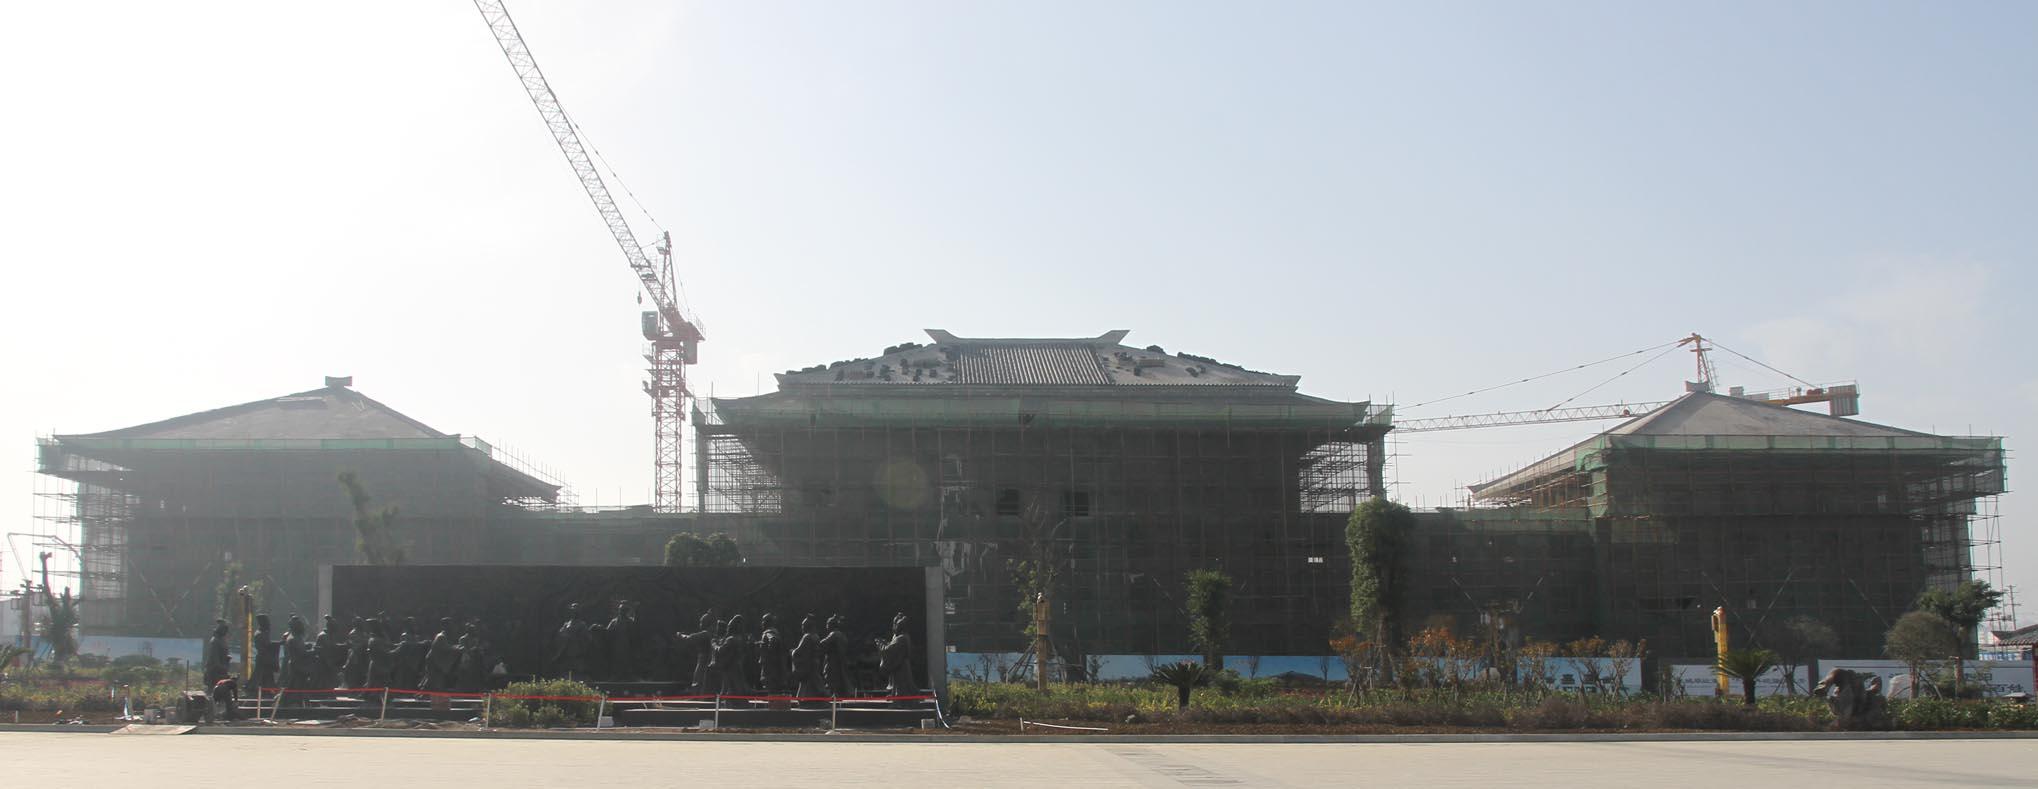 中国汉城酒店是由湖北大汉文化产业投资有限公司投资兴建的中国汉城建筑群的主体建筑之一,总投资1.8亿元,是一家按国家四星级标准全新打造,酒店建筑风格为仿古汉式建筑,集中国传统文化、汉风古韵、现代酒店服务功能与高科技于一体的商务度假型主题酒店。